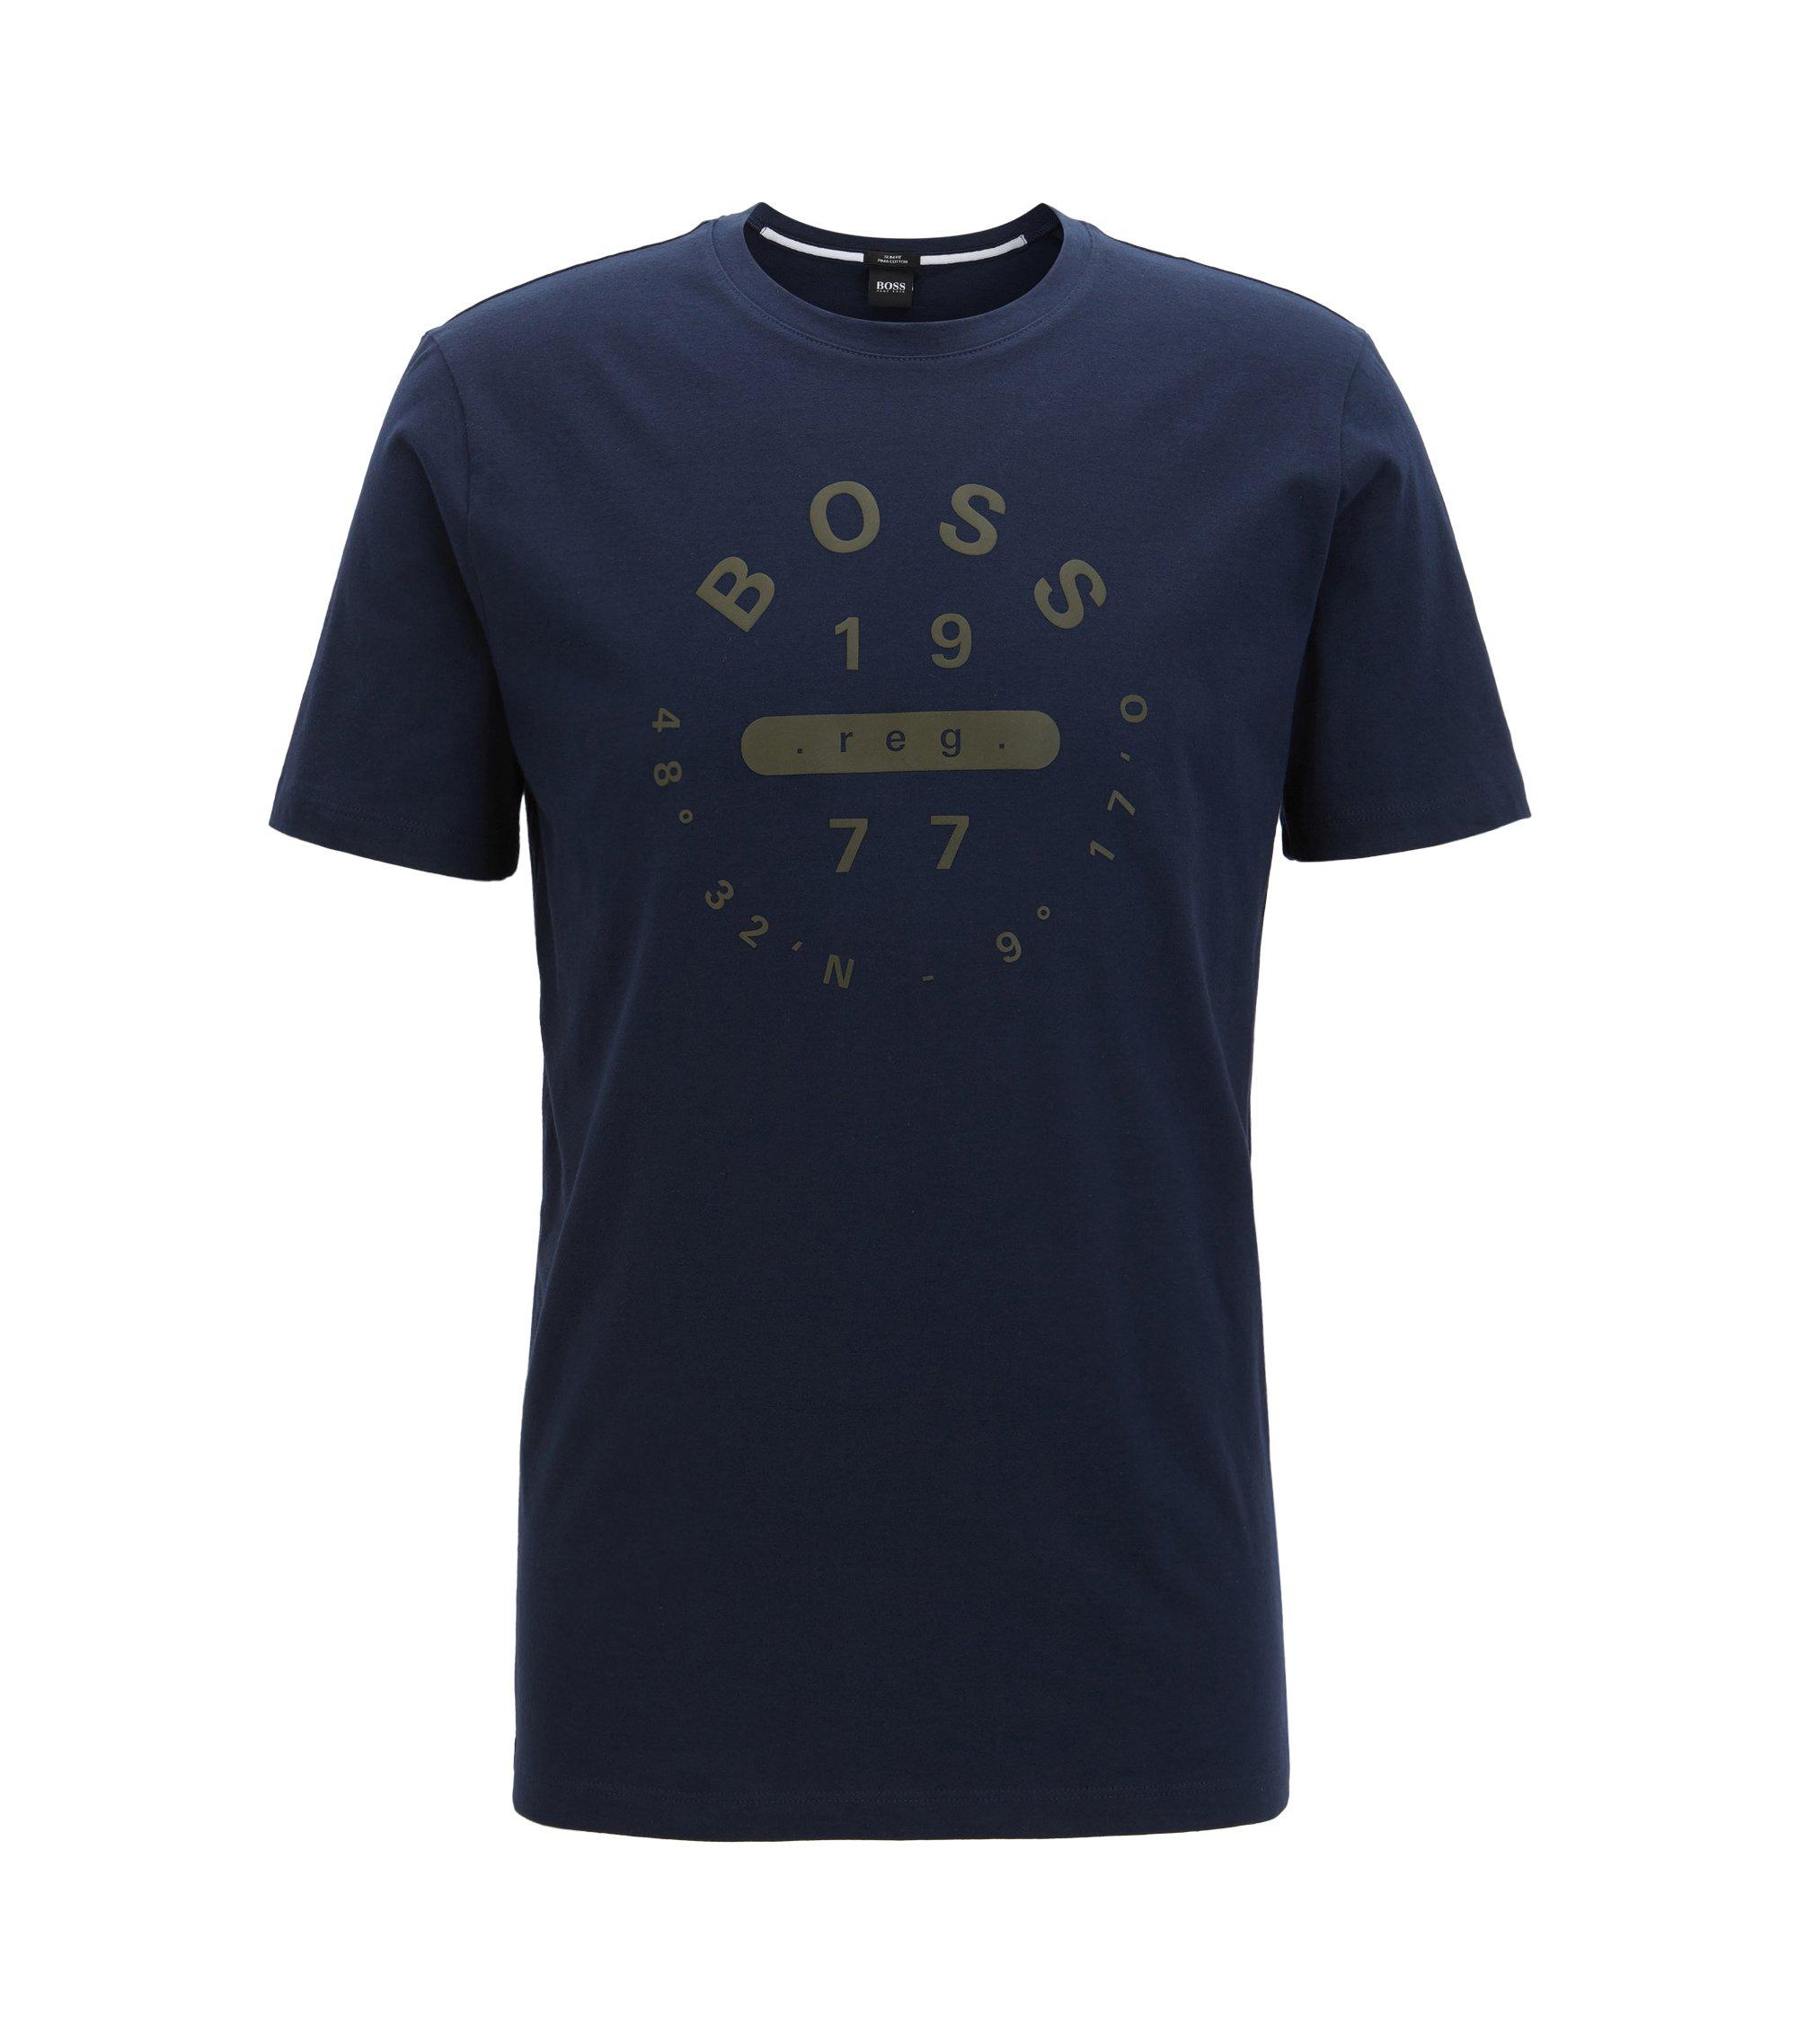 T-shirt Slim Fit en coton Pima à imprimé, Bleu foncé